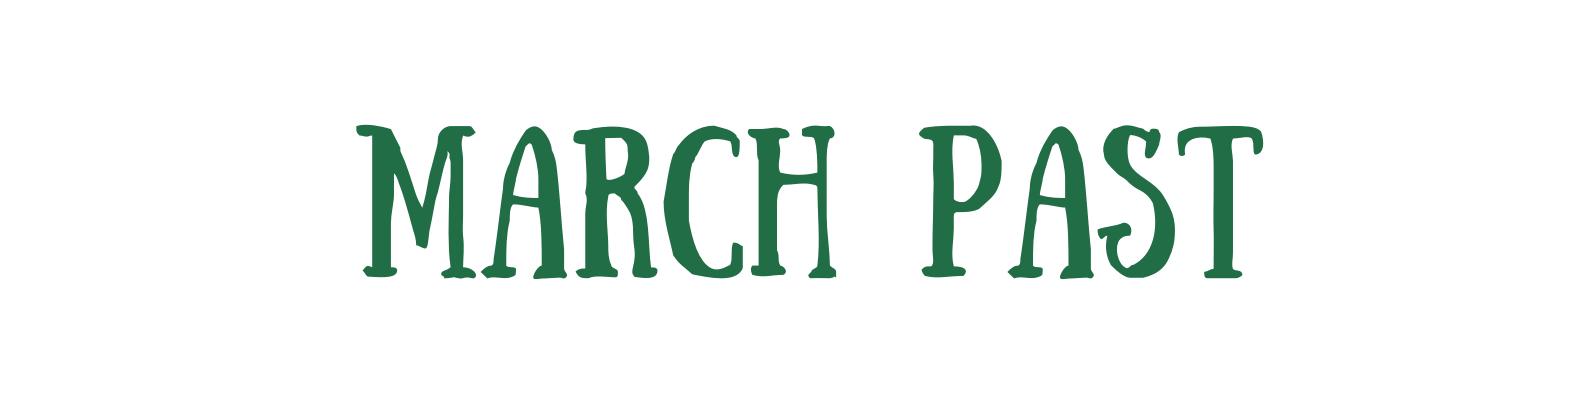 Green and Cream Brushstroke Assistant Professor LinkedIn Banner (27)